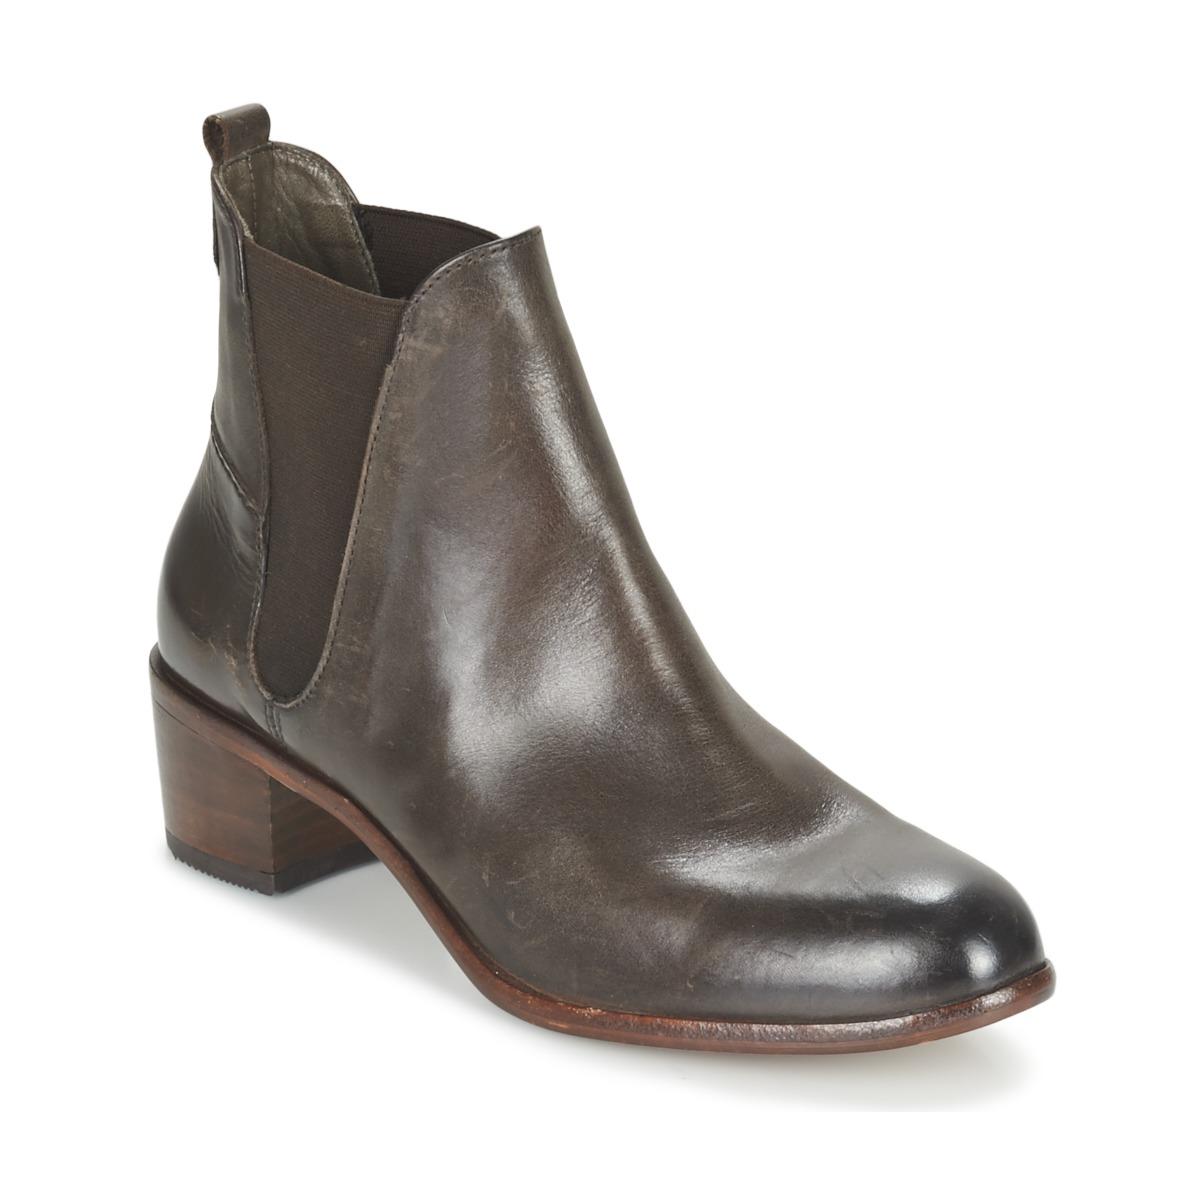 Hudson COMPUND CALF Braun - Kostenloser Versand bei Spartoode ! - Schuhe Low Boots Damen 118,40 €